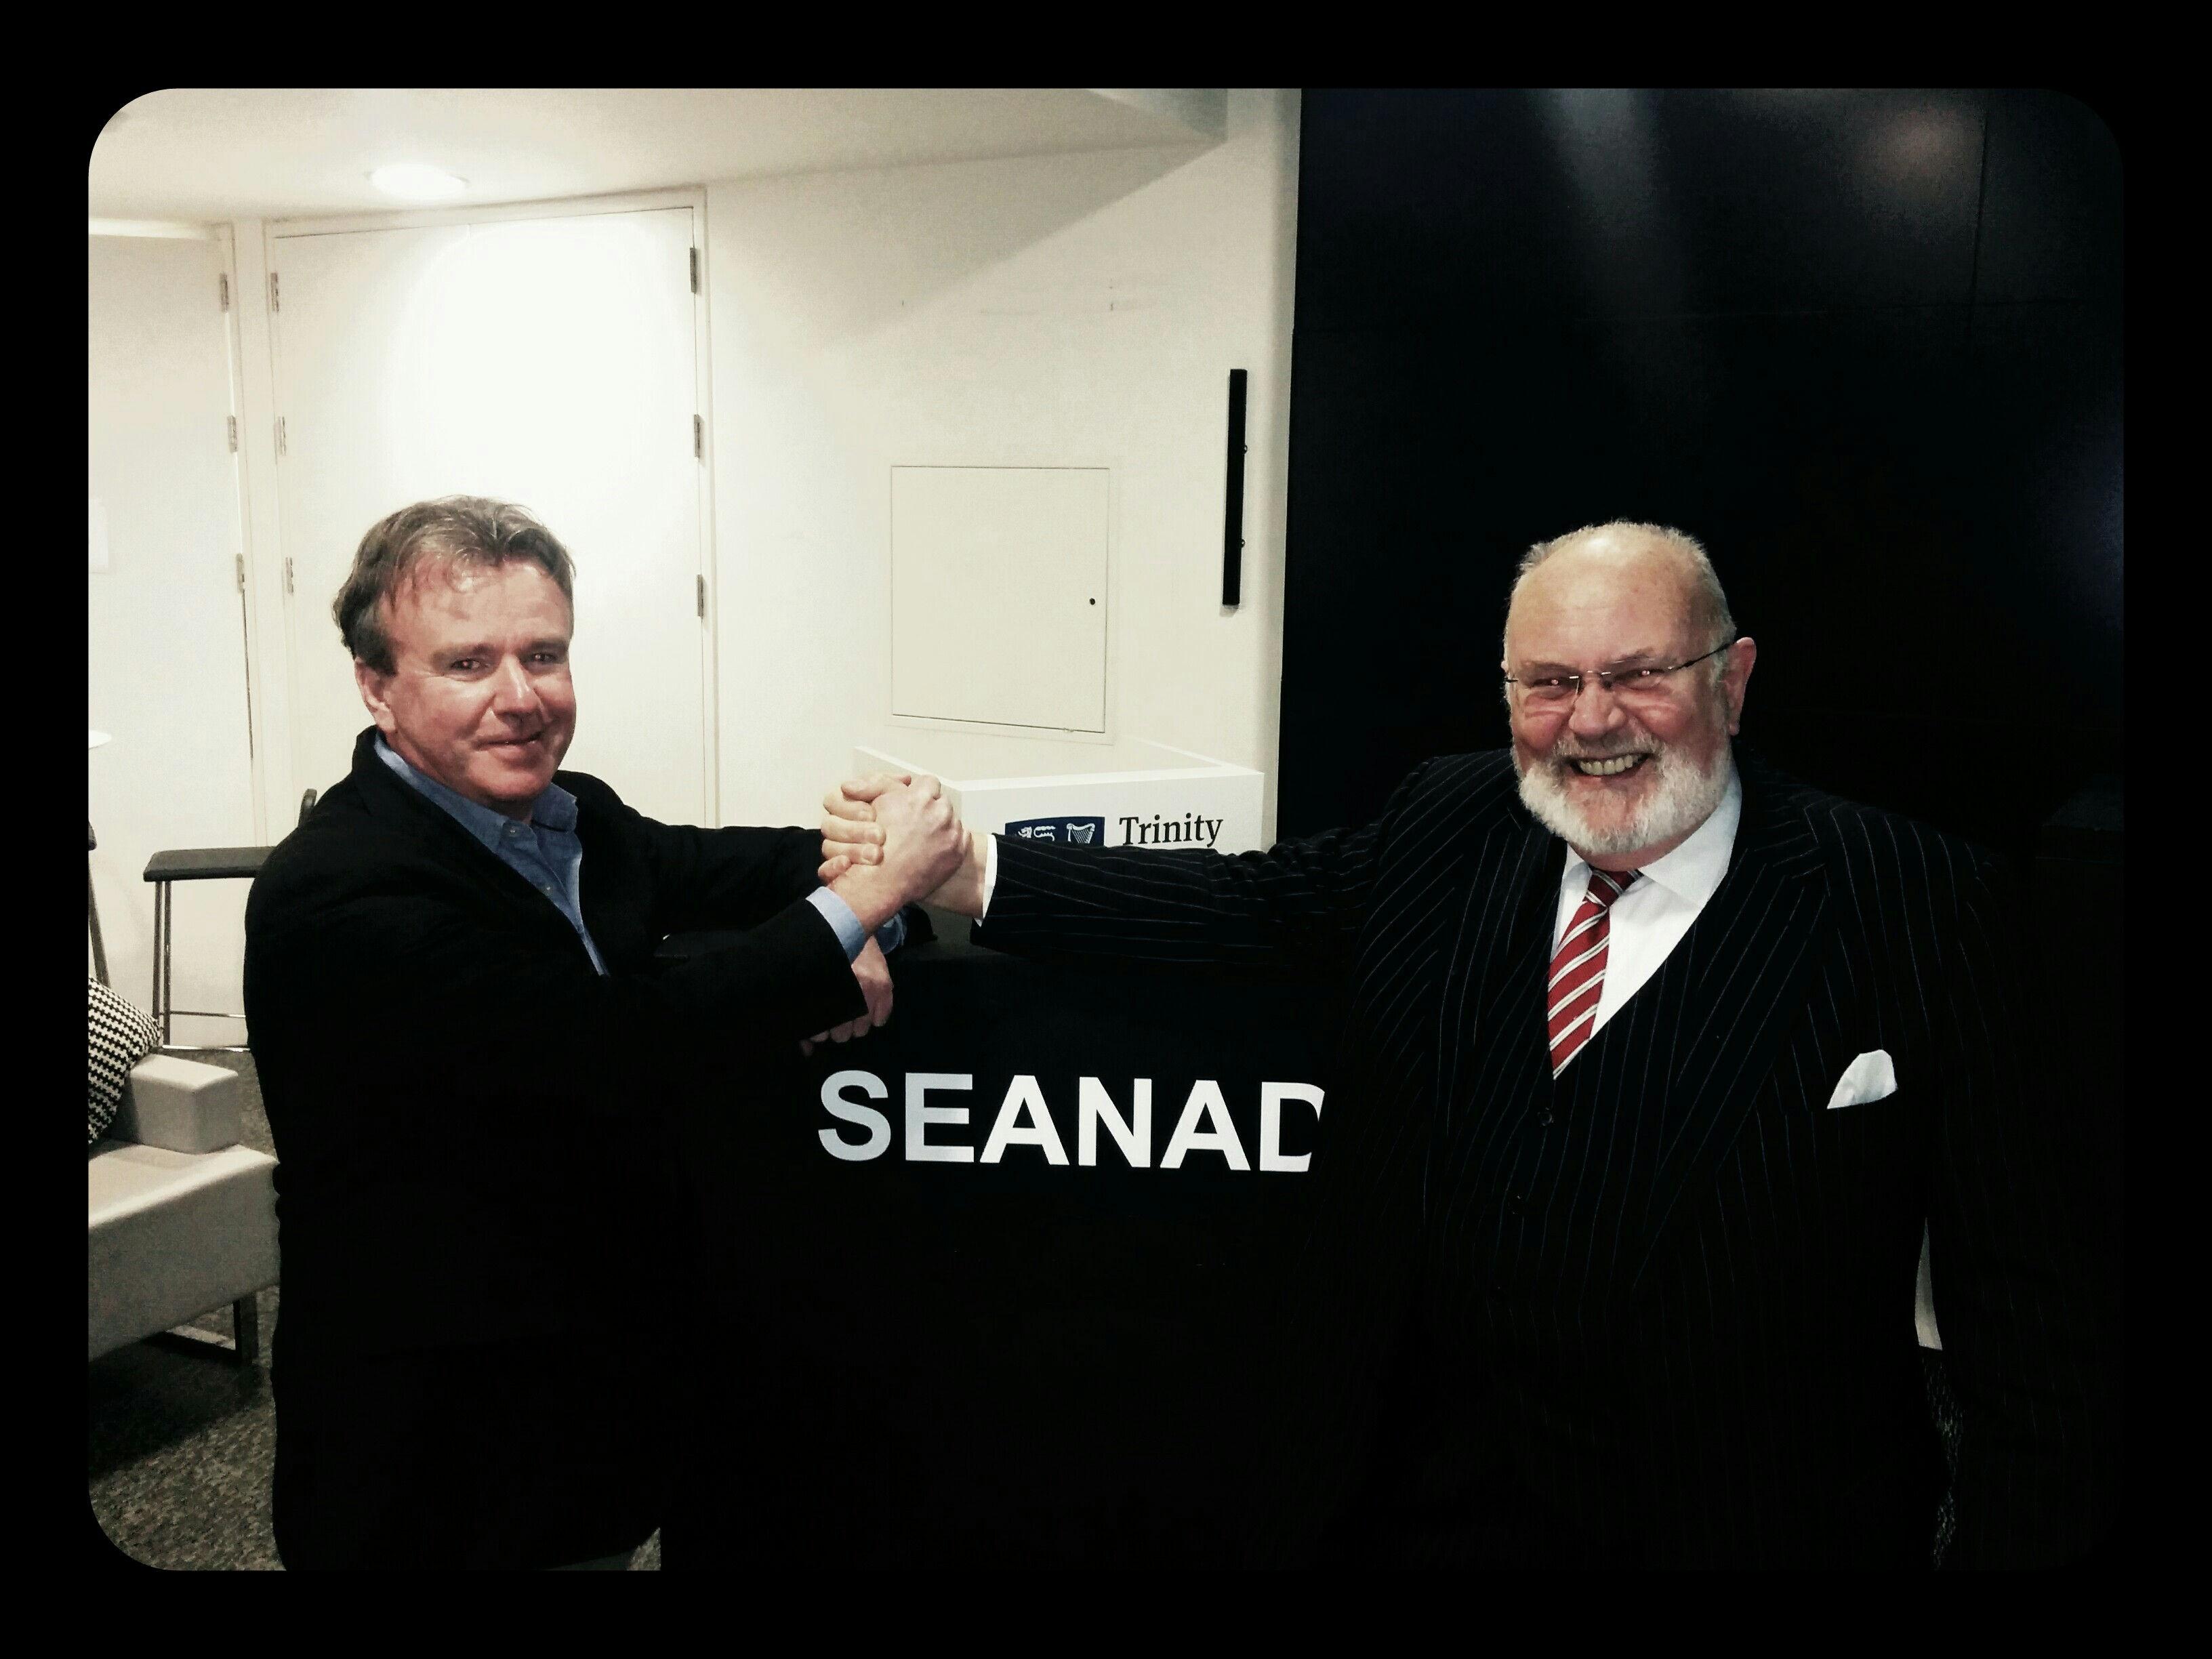 Tom Clonan and Senator David Norris